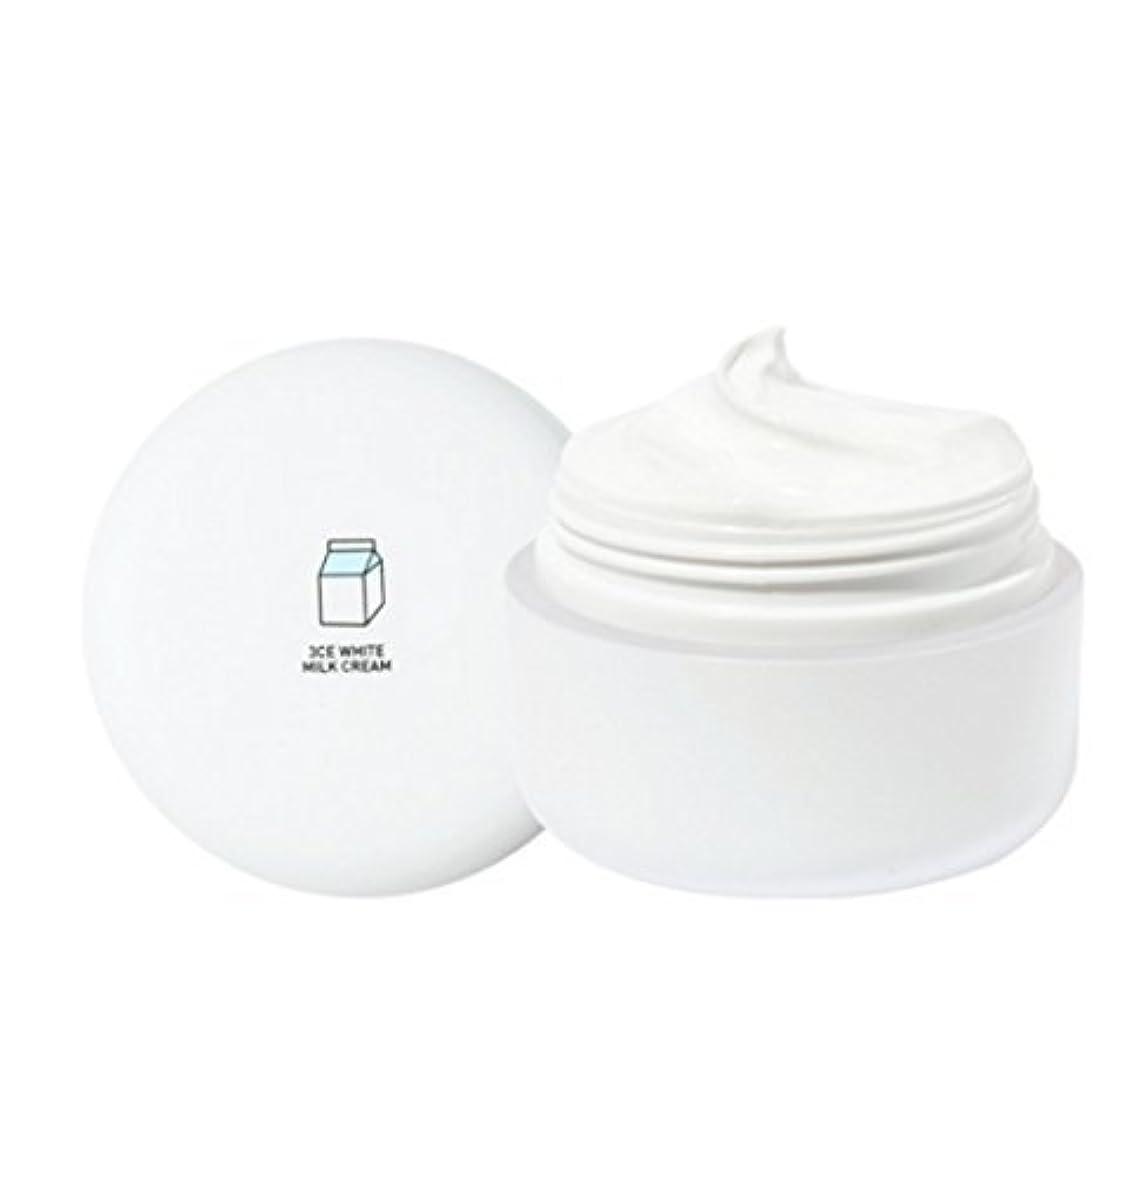 モザイク軽量ひばりスリーコンセプトアイズ ホワイトミルククリーム ウユクリーム 50ml[392199][並行輸入品]